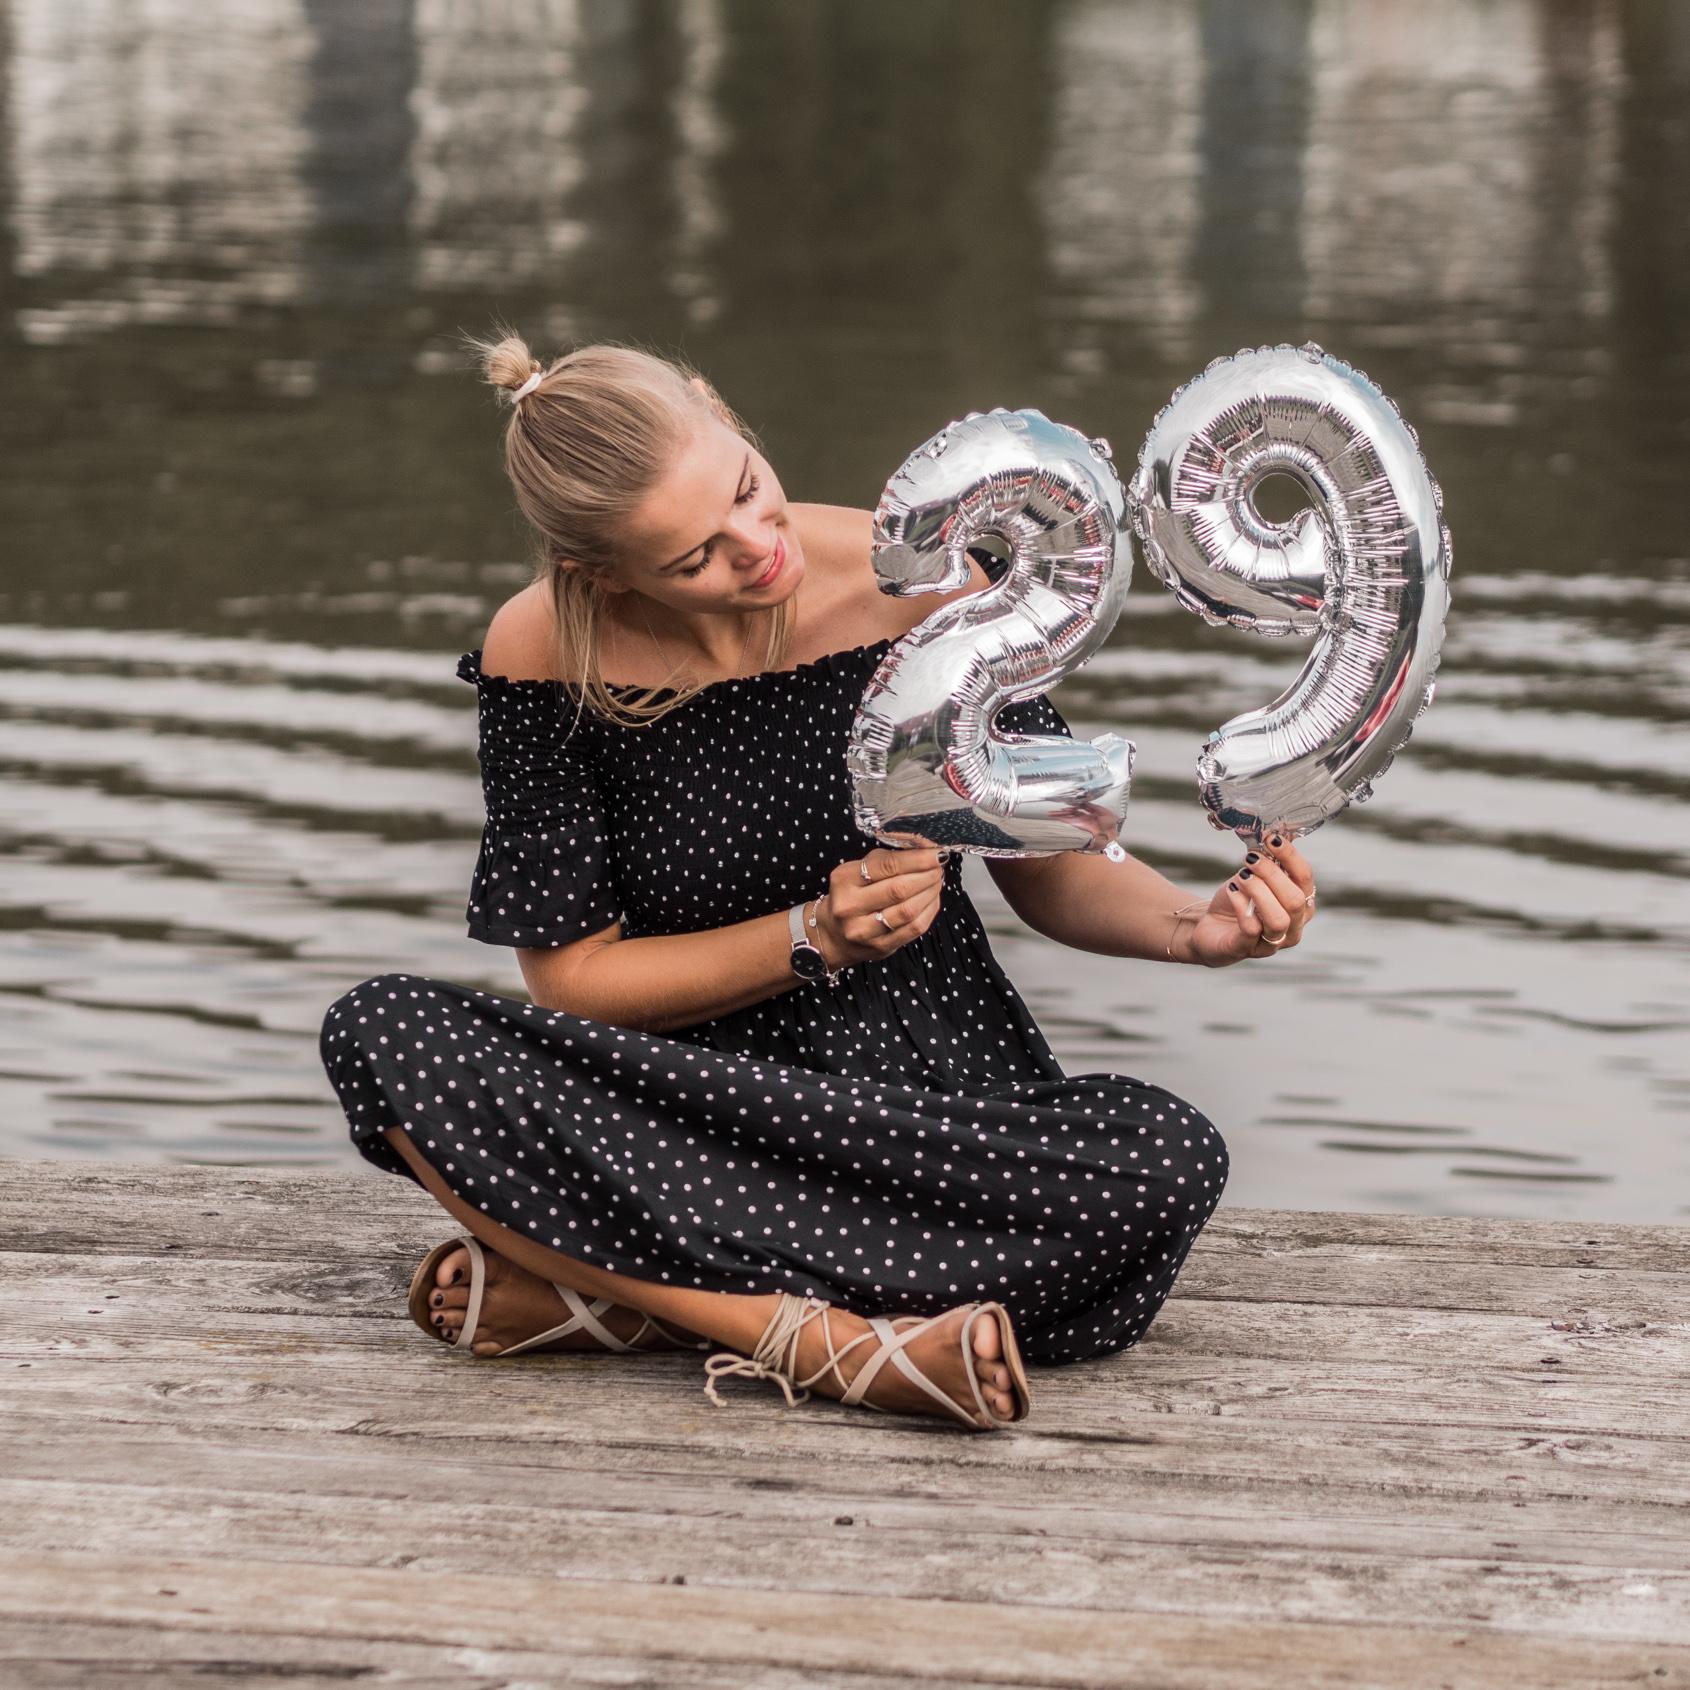 Geburtstag, 29, Gedanken, älter werden,